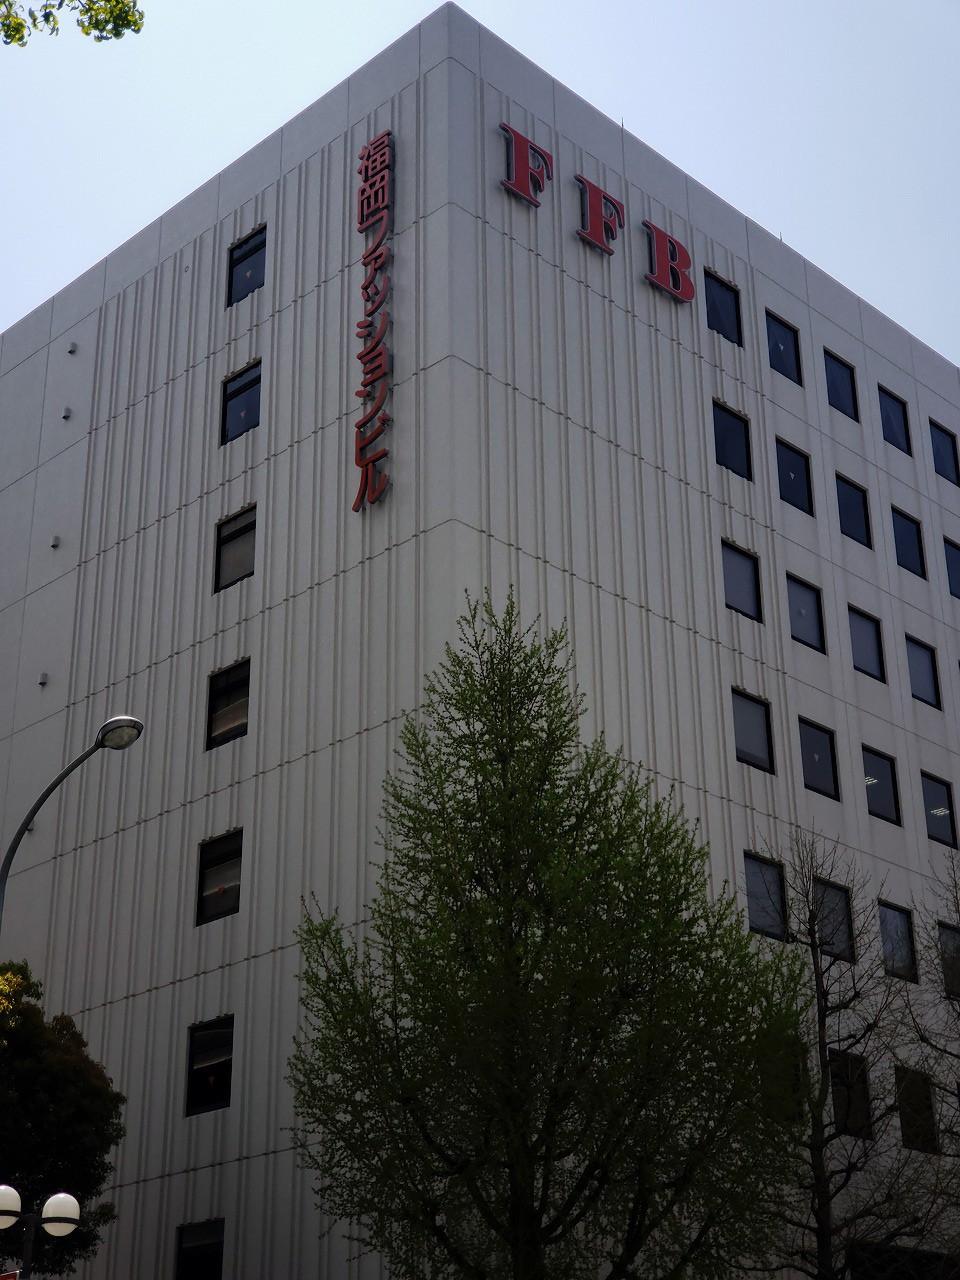 7月21日(日曜)福岡・博多通信制高校・サポート校合同相談会